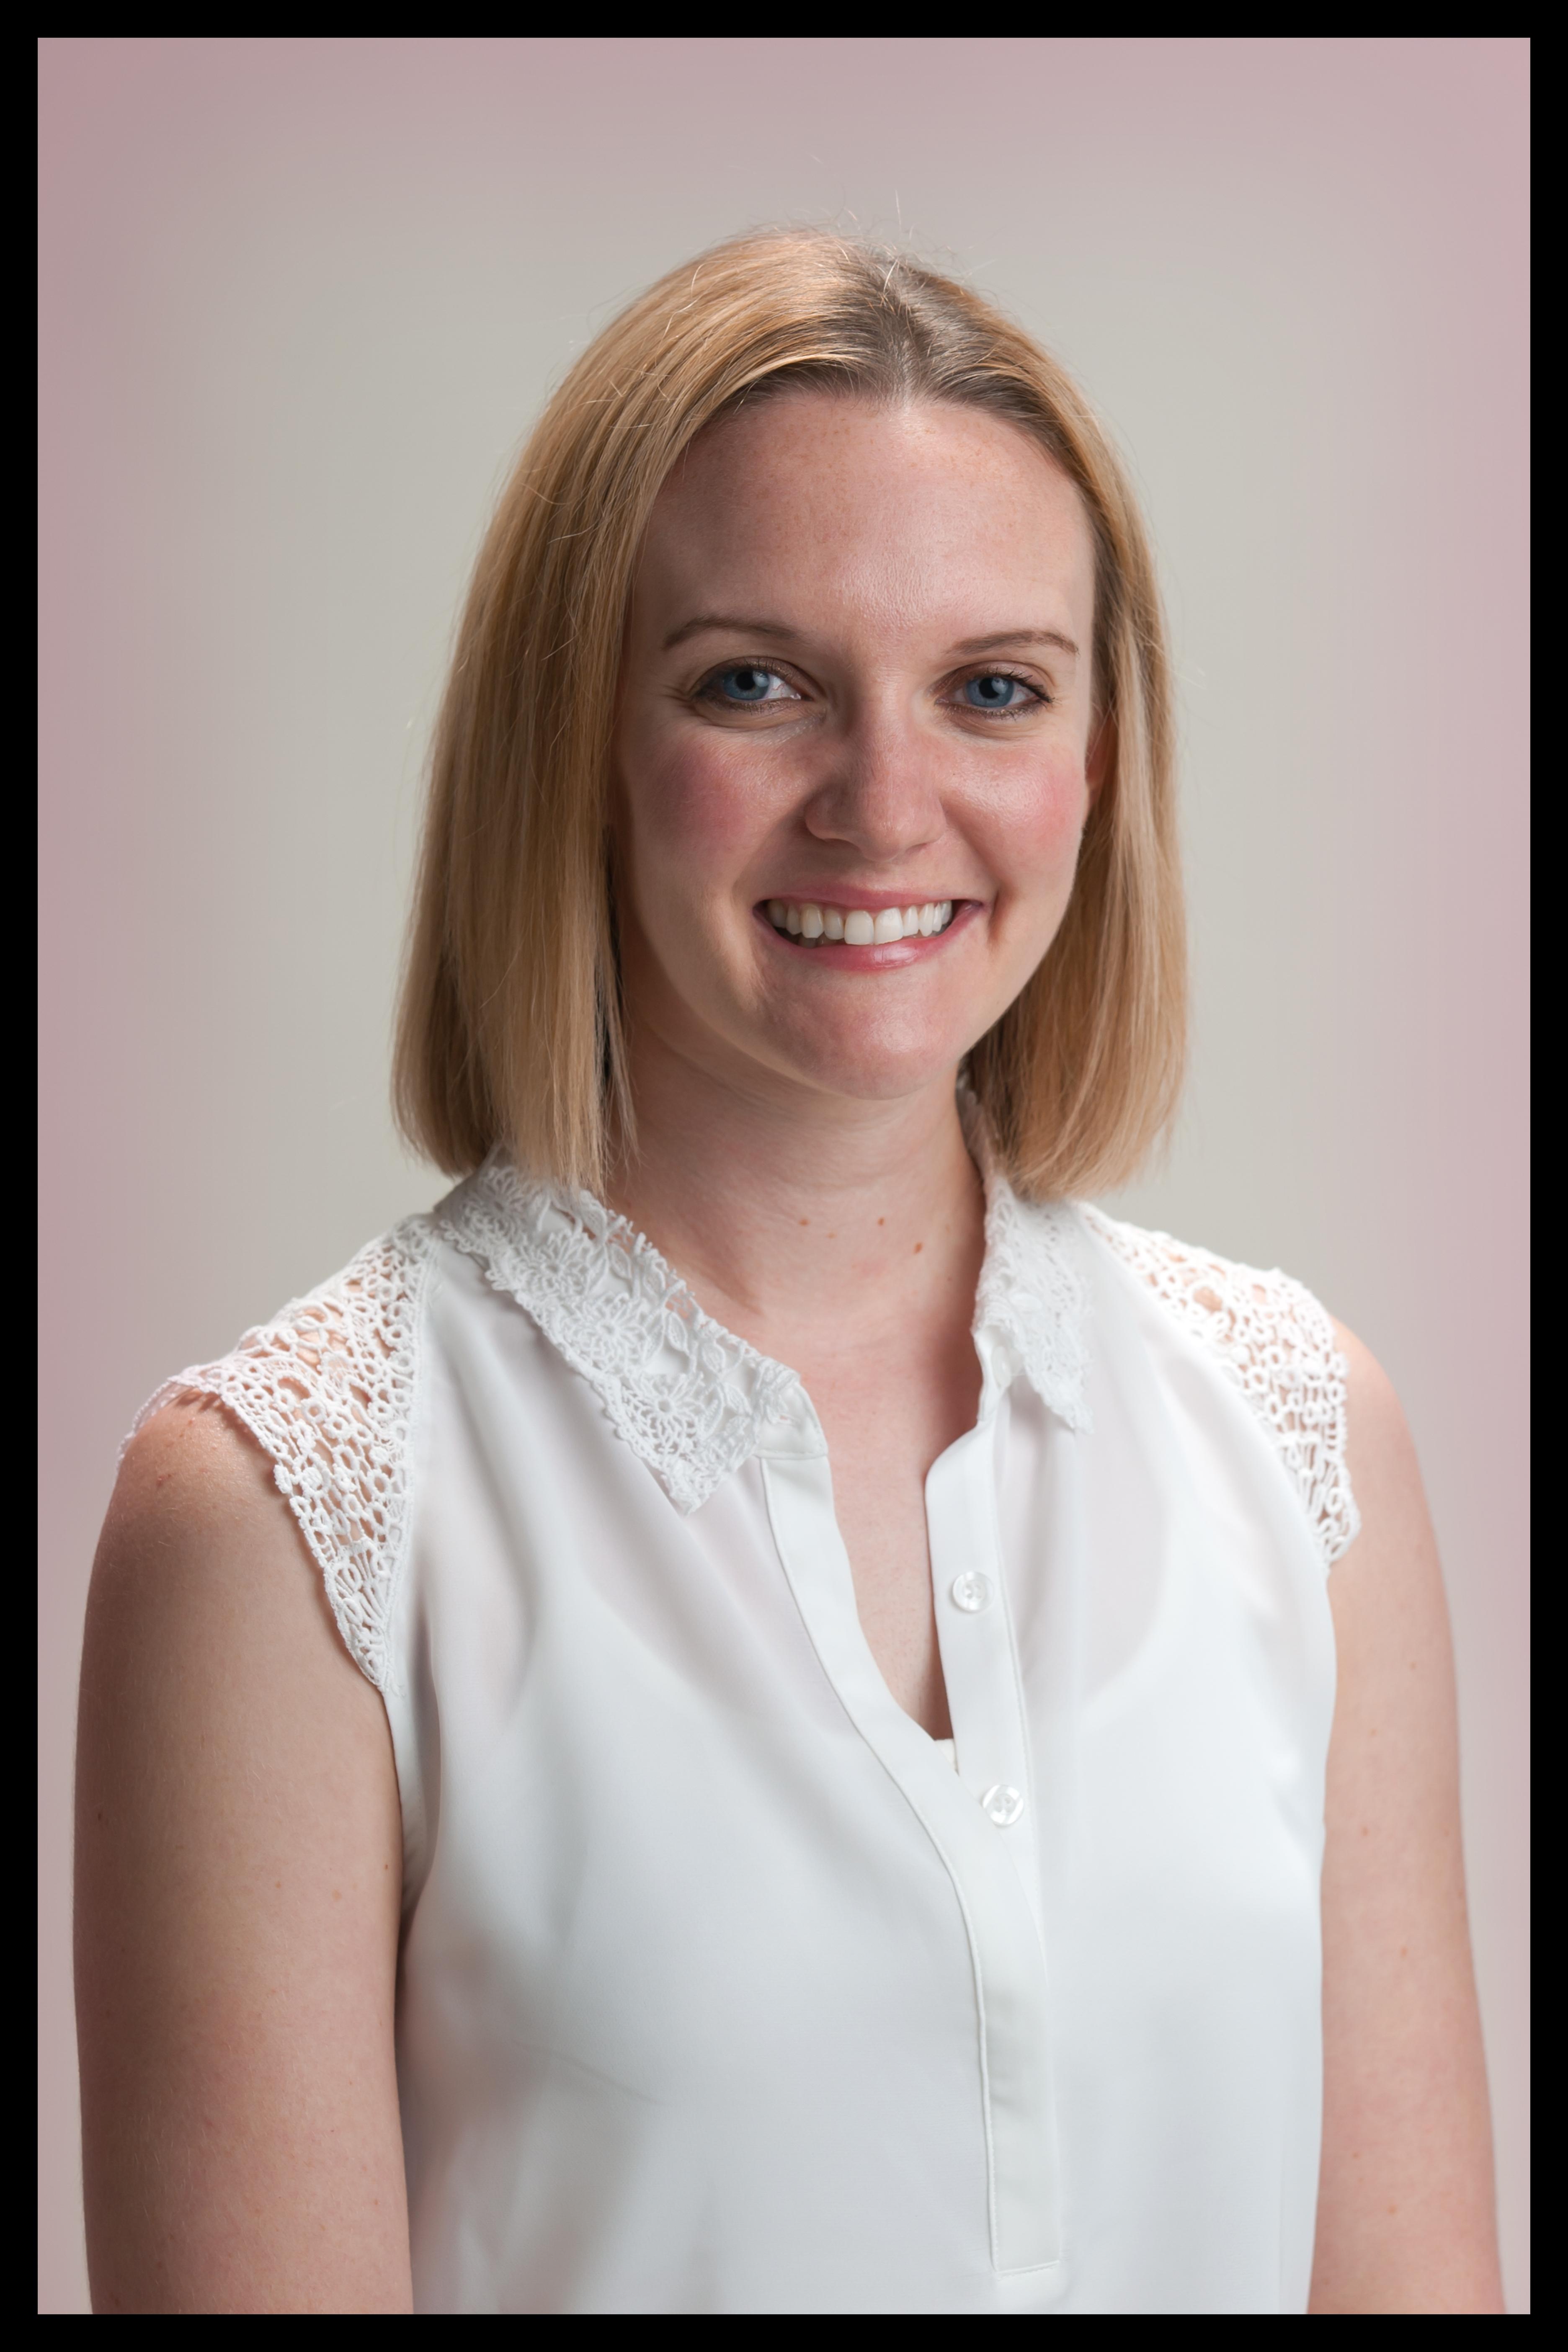 Ms. Bridget Wetzel